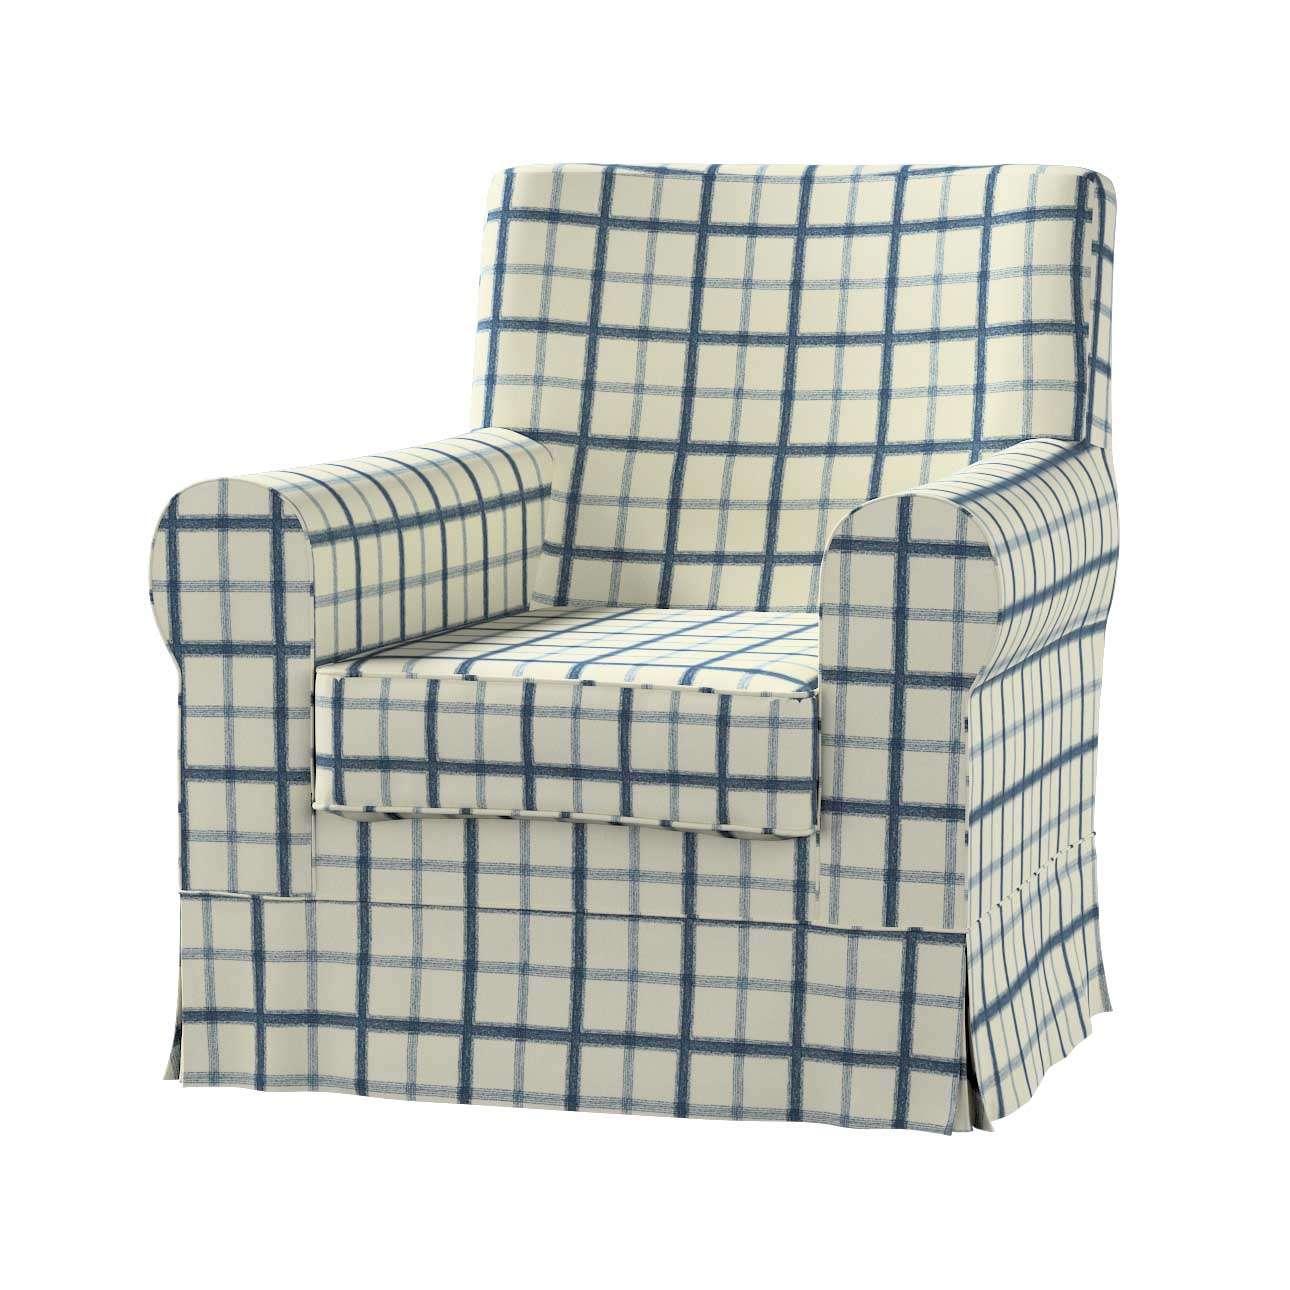 EKTORP JENNYLUND fotelio užvalkalas Ektorp Jennylund fotelio užvalkalas kolekcijoje Avinon, audinys: 131-66